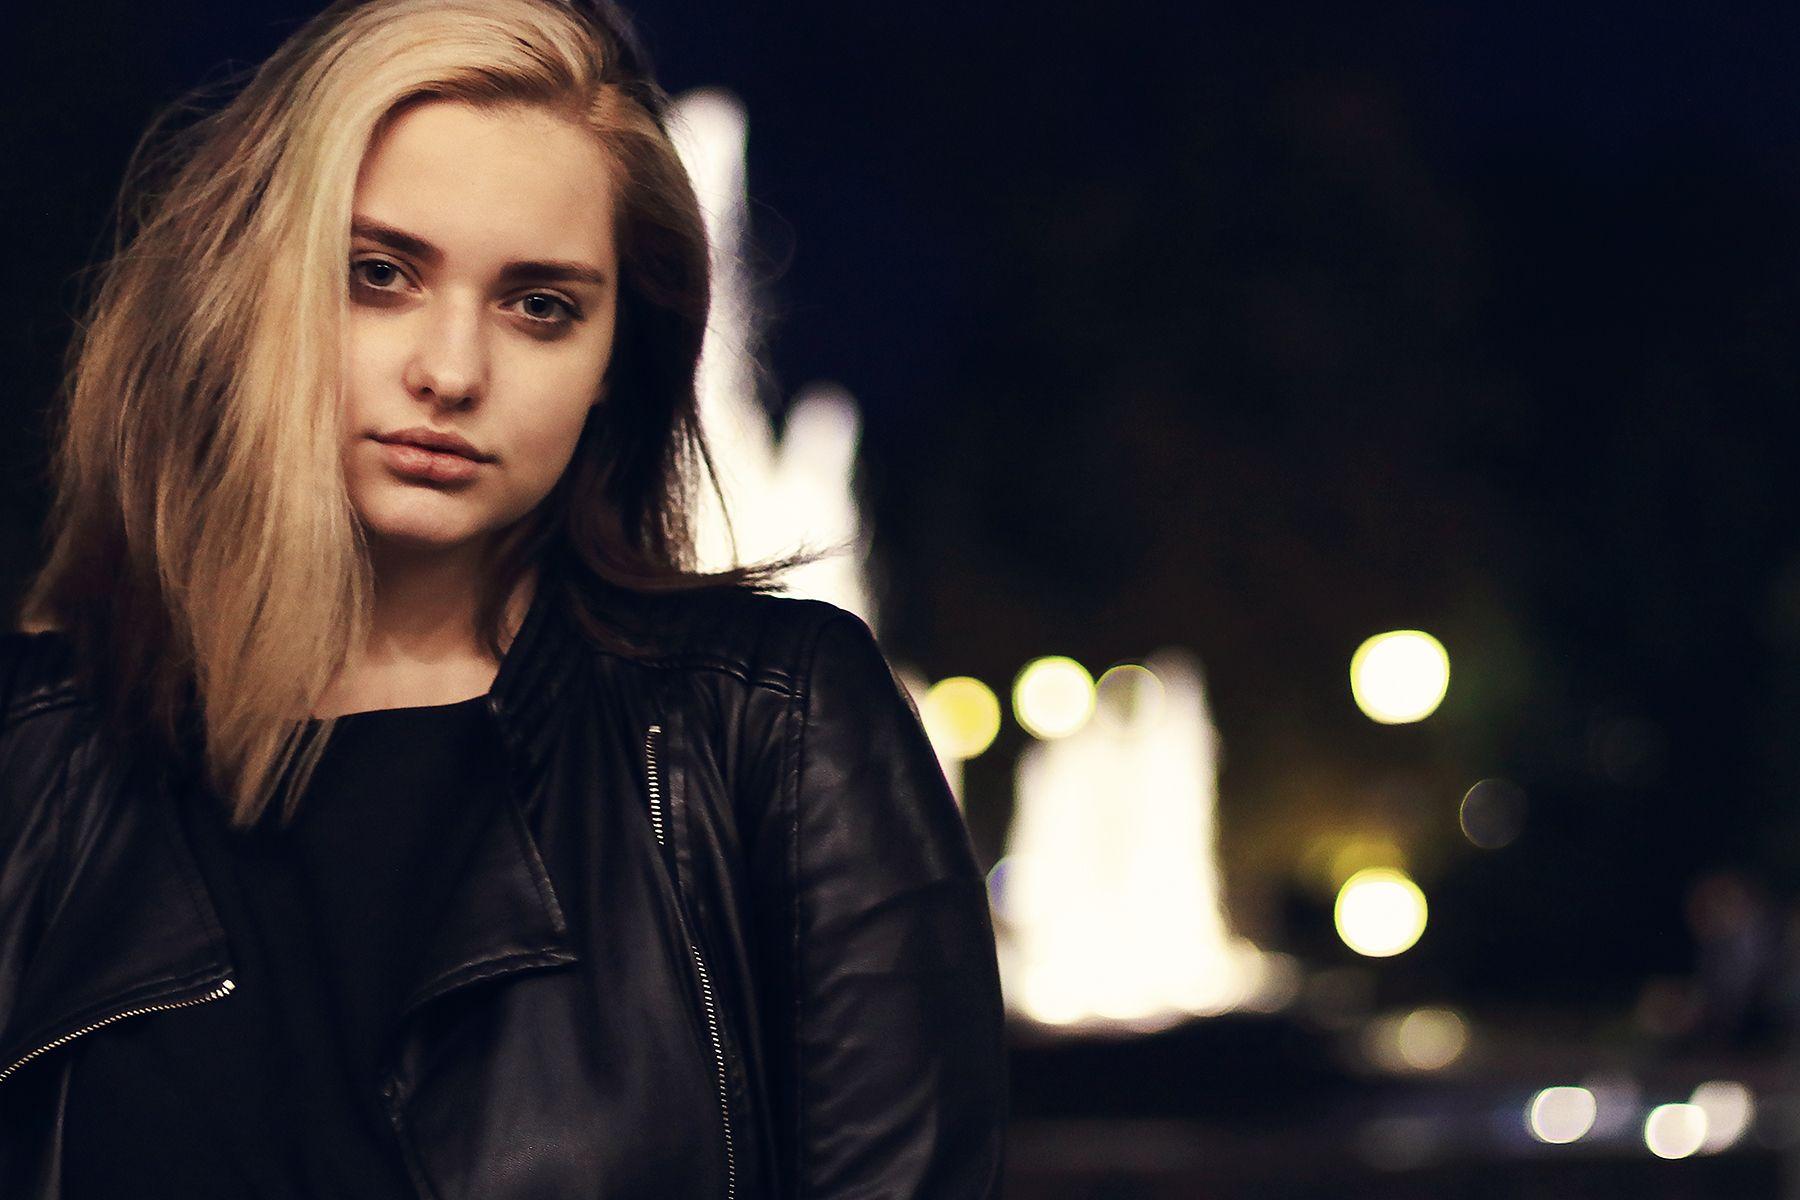 Ночной портрет портрет девушка